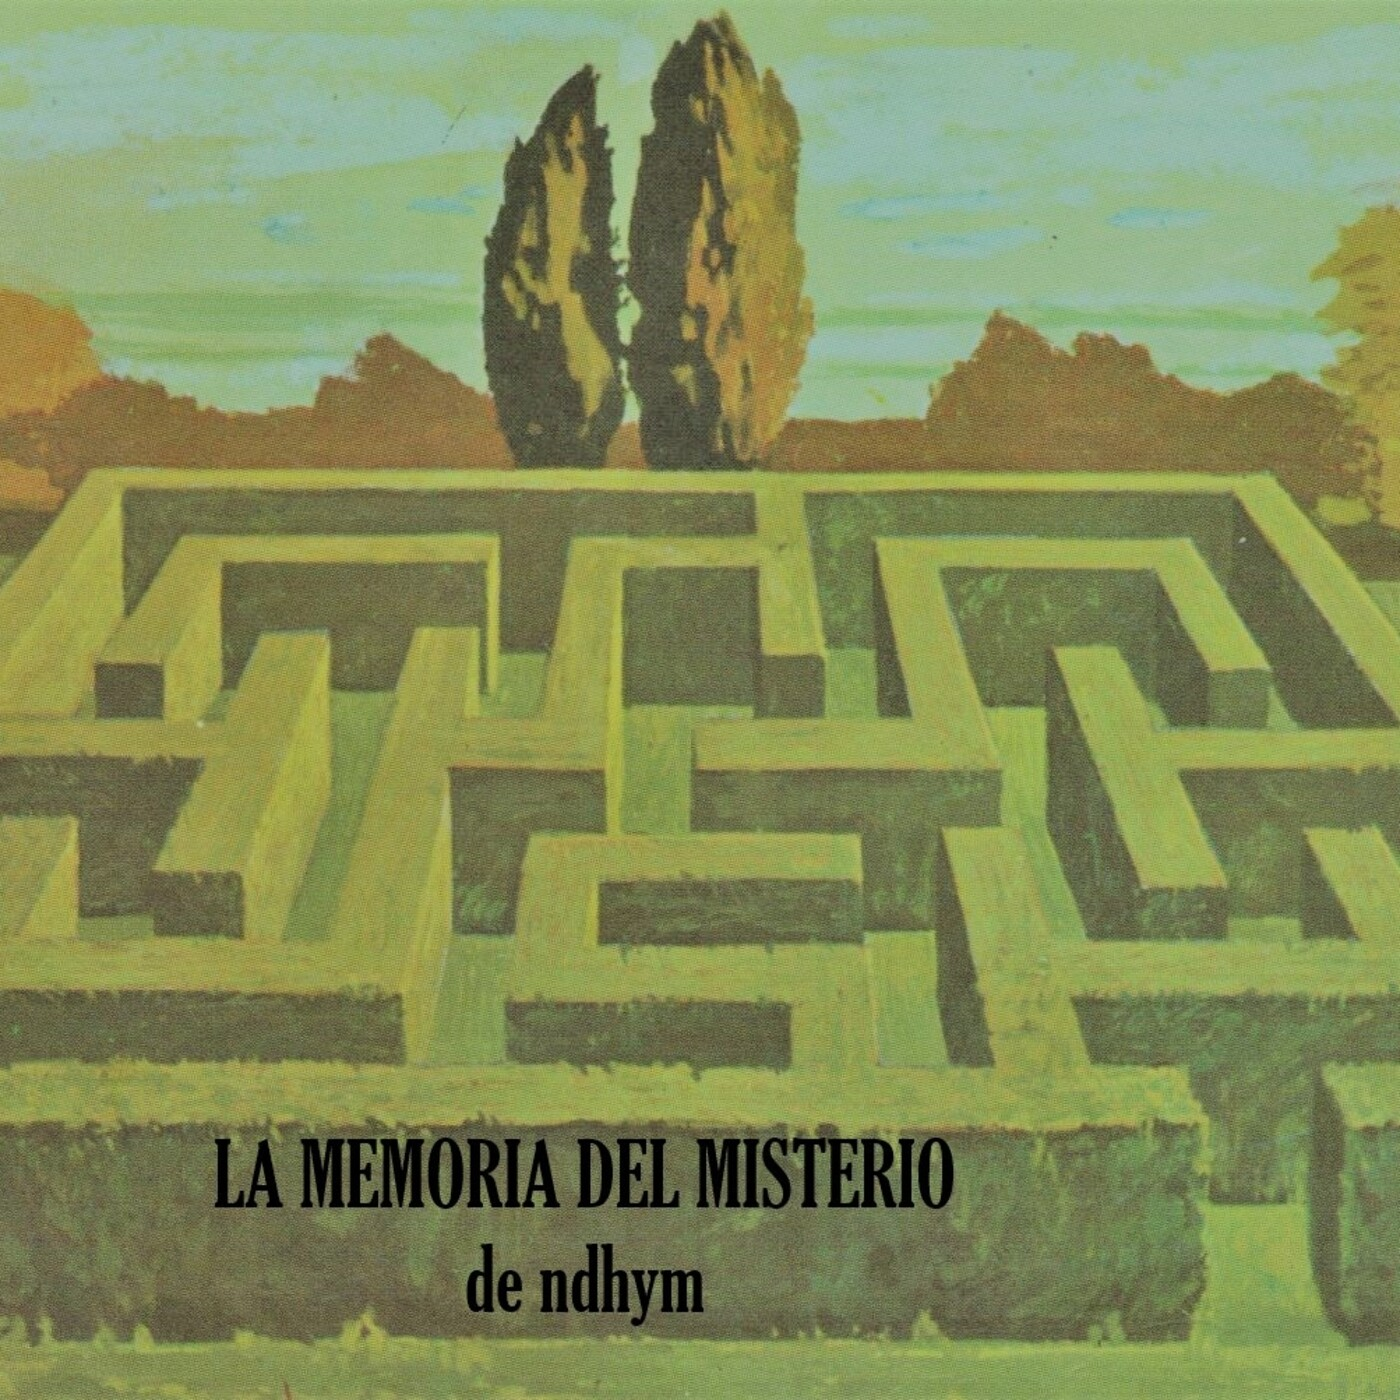 La Memoria del Misterio de ndhym. Archivo Abducciones